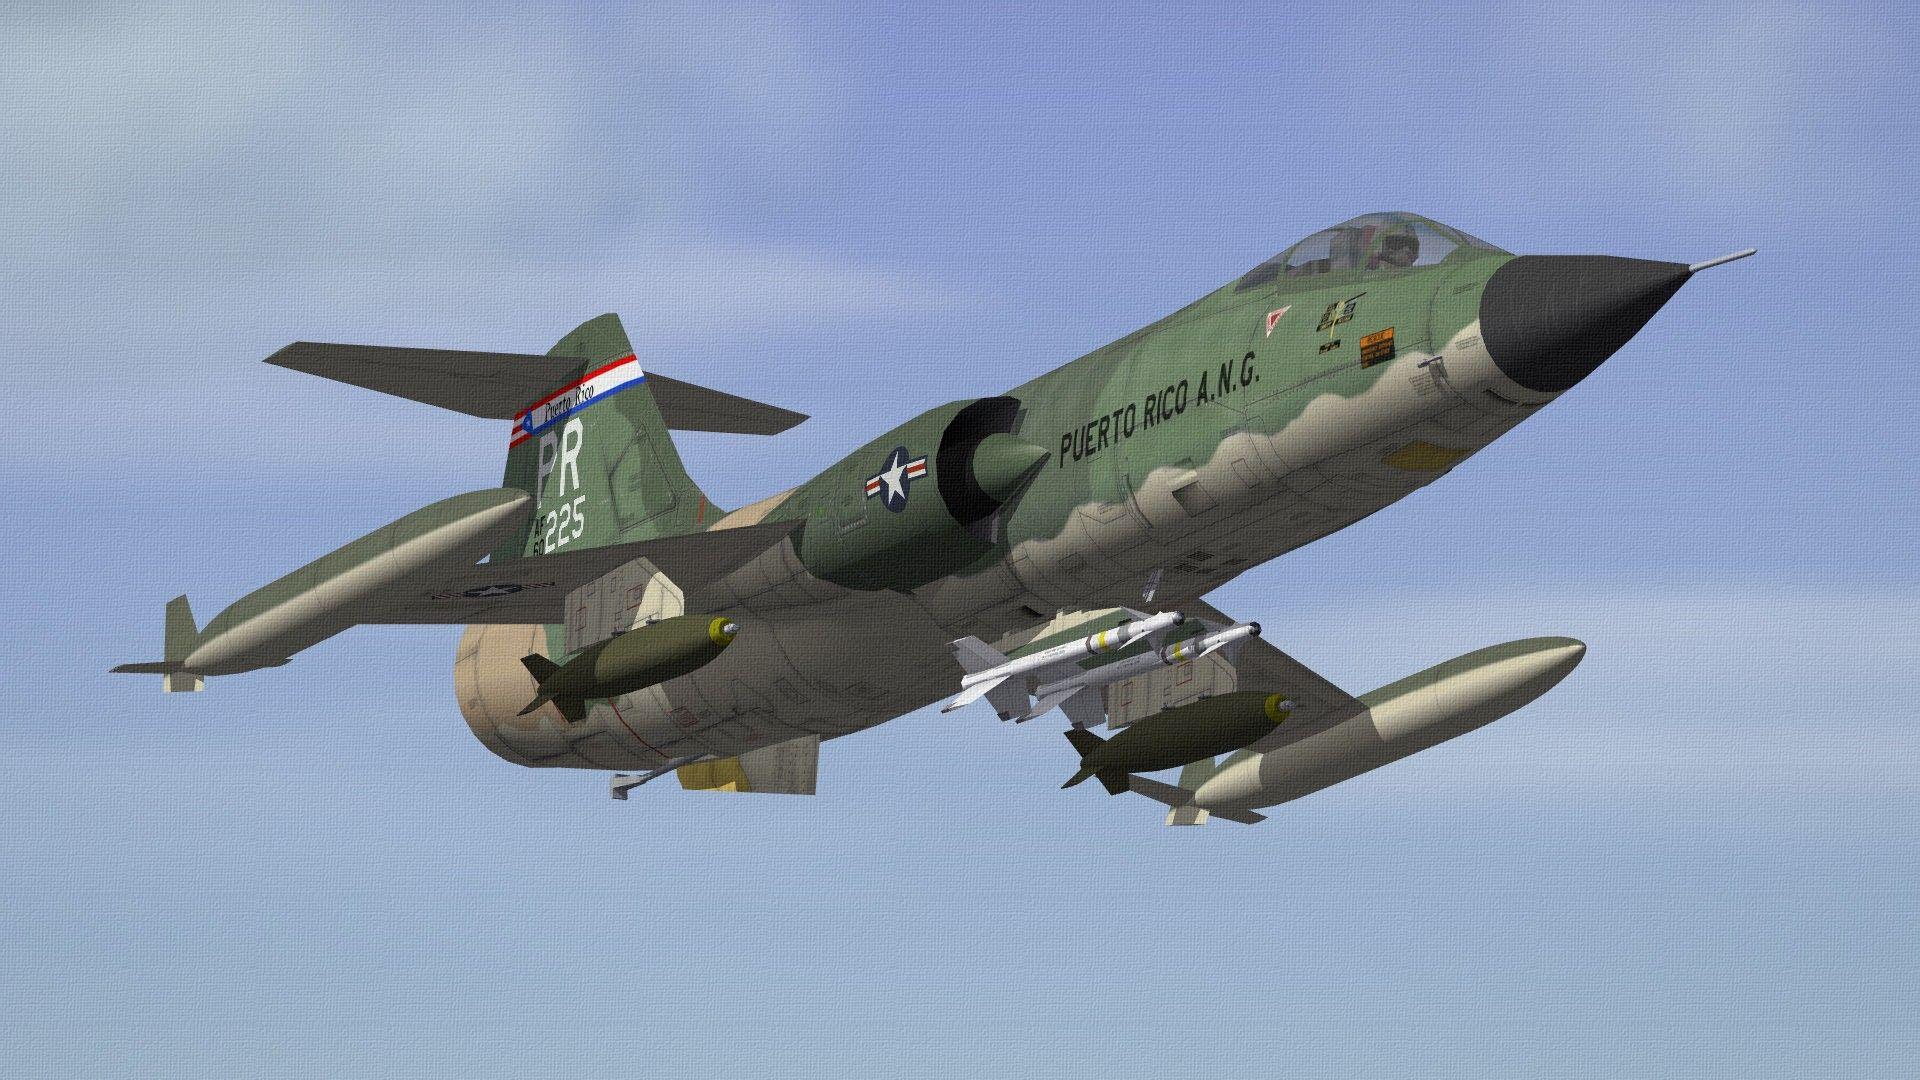 USAFF-104ESTARFIGHTER04.jpg